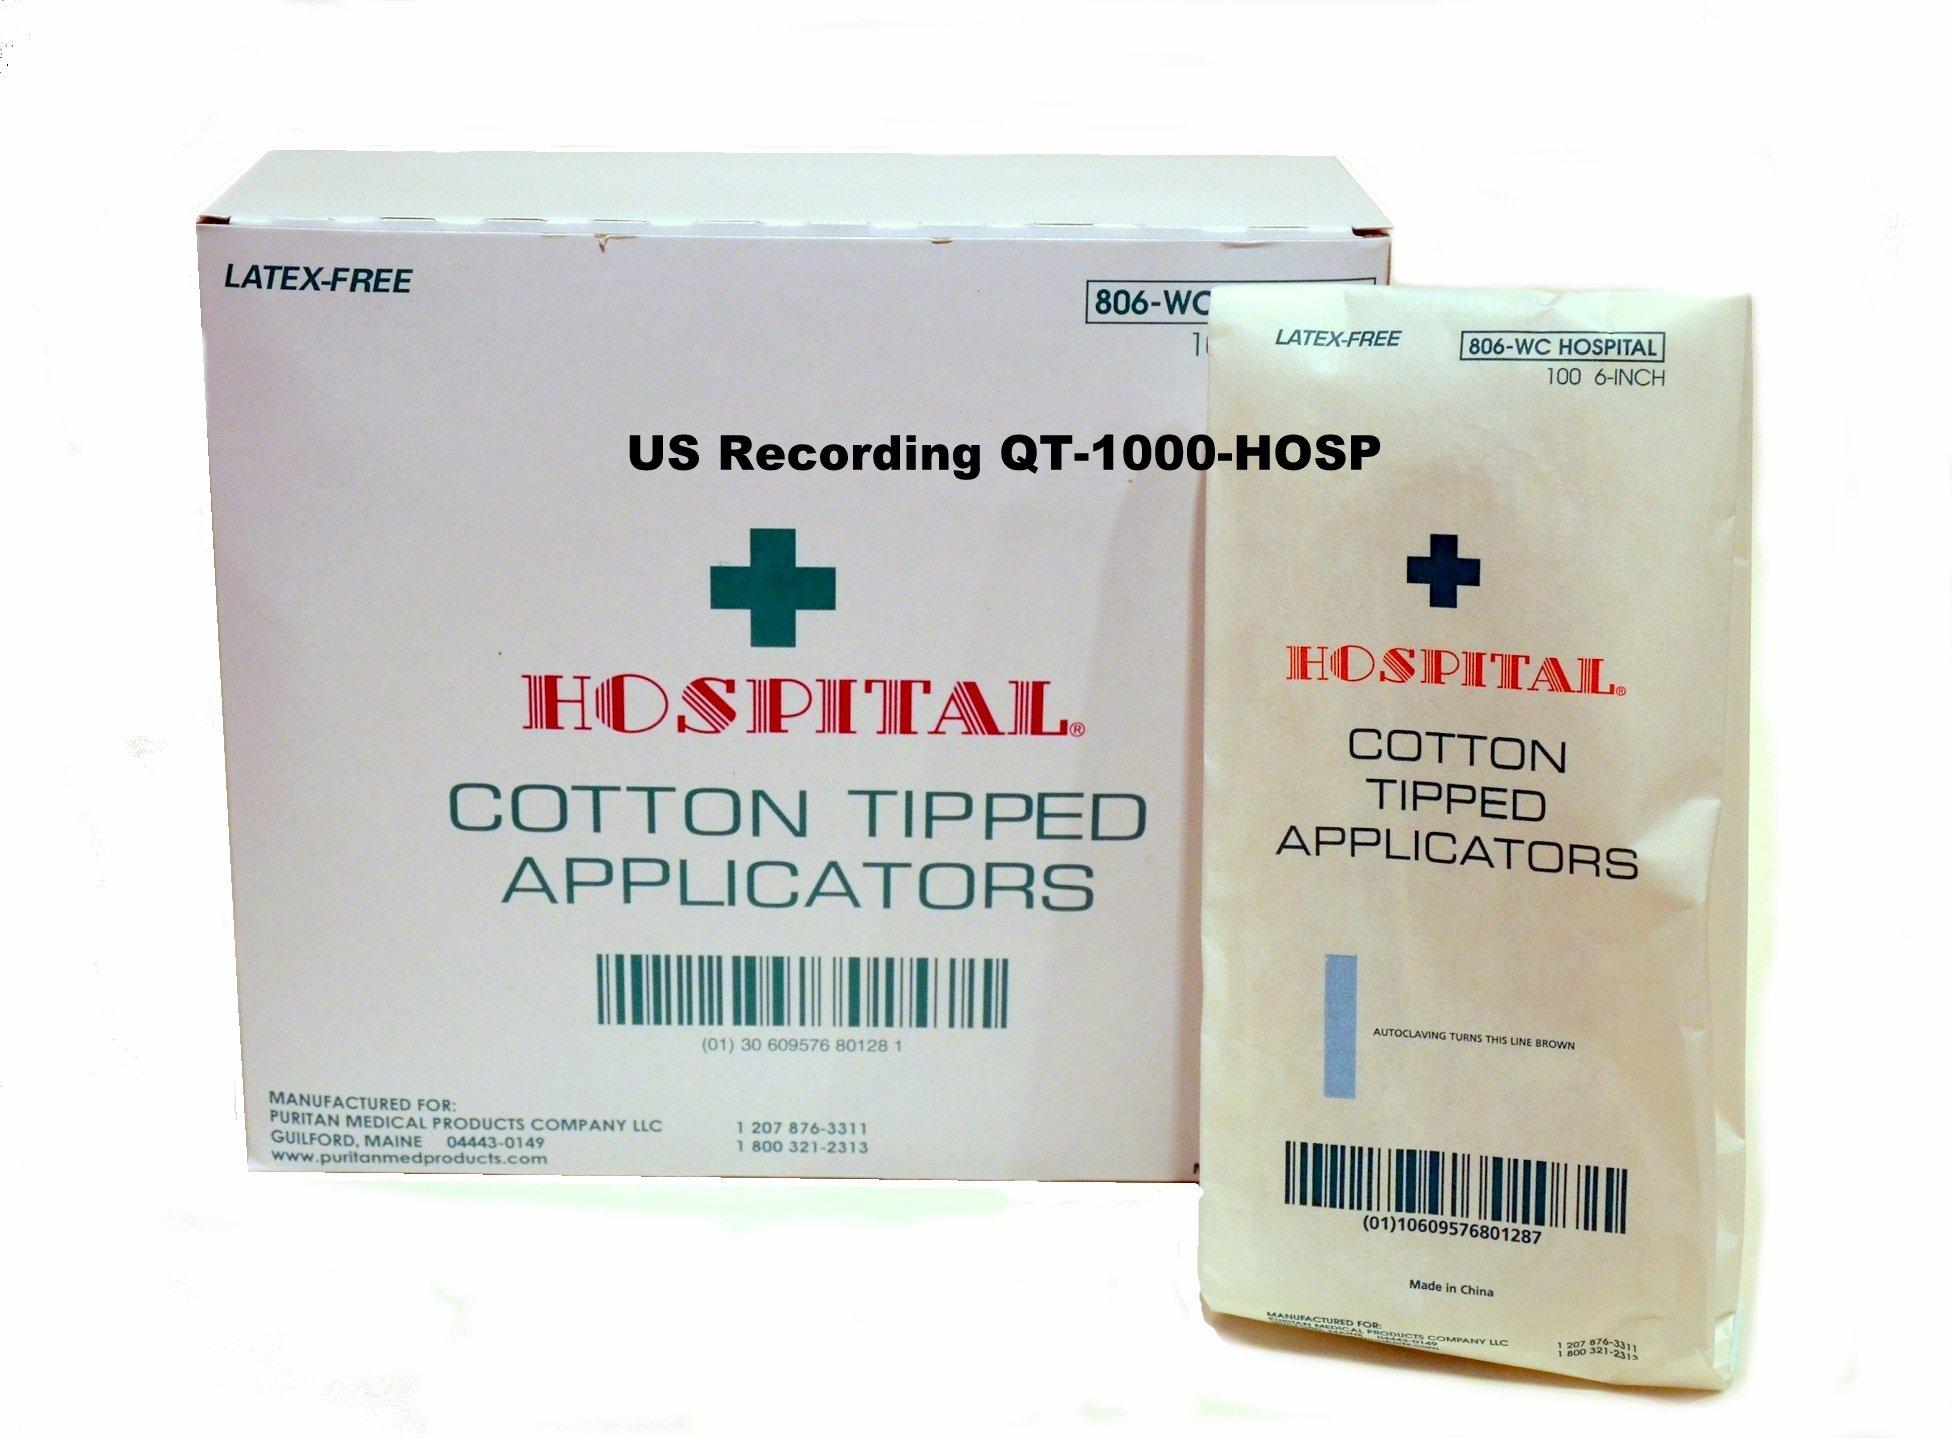 Puritan Cotton Tipped Applicators 806-WC HOSPITAL [Box of 10000 Applicators] 6'' Wood Handles